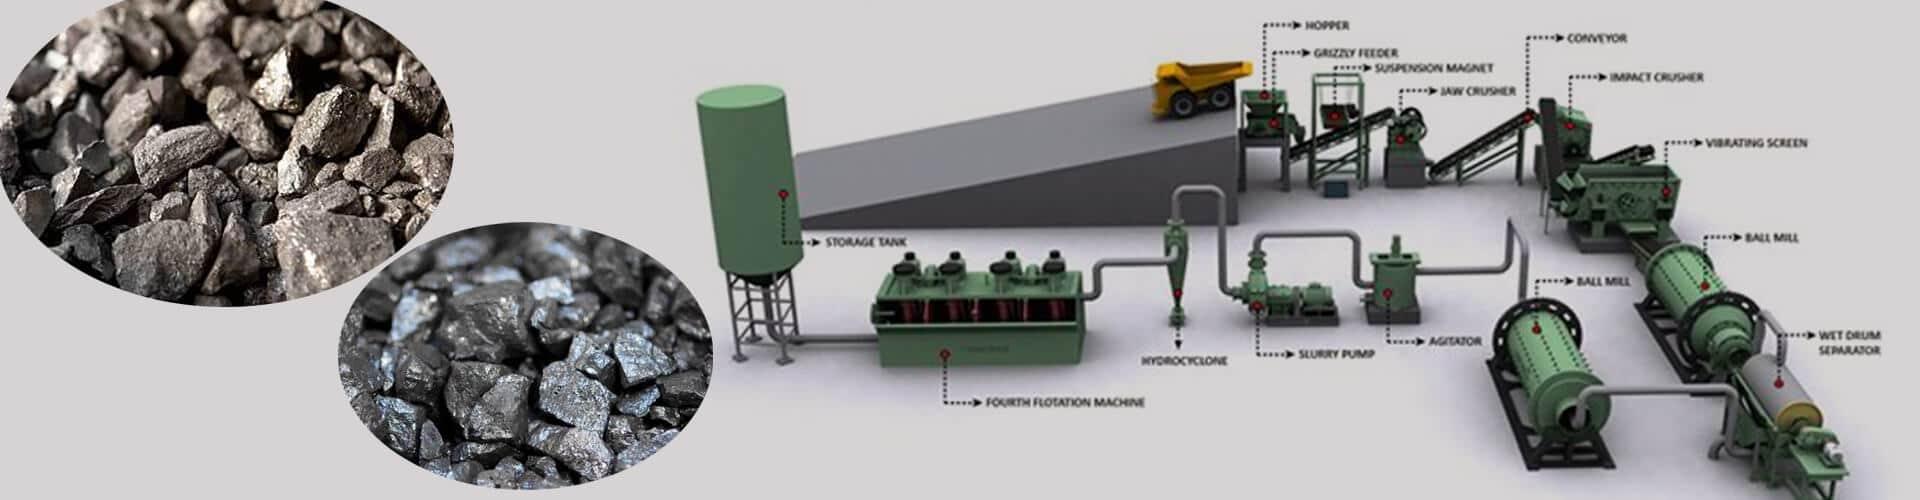 tin mineral process plant